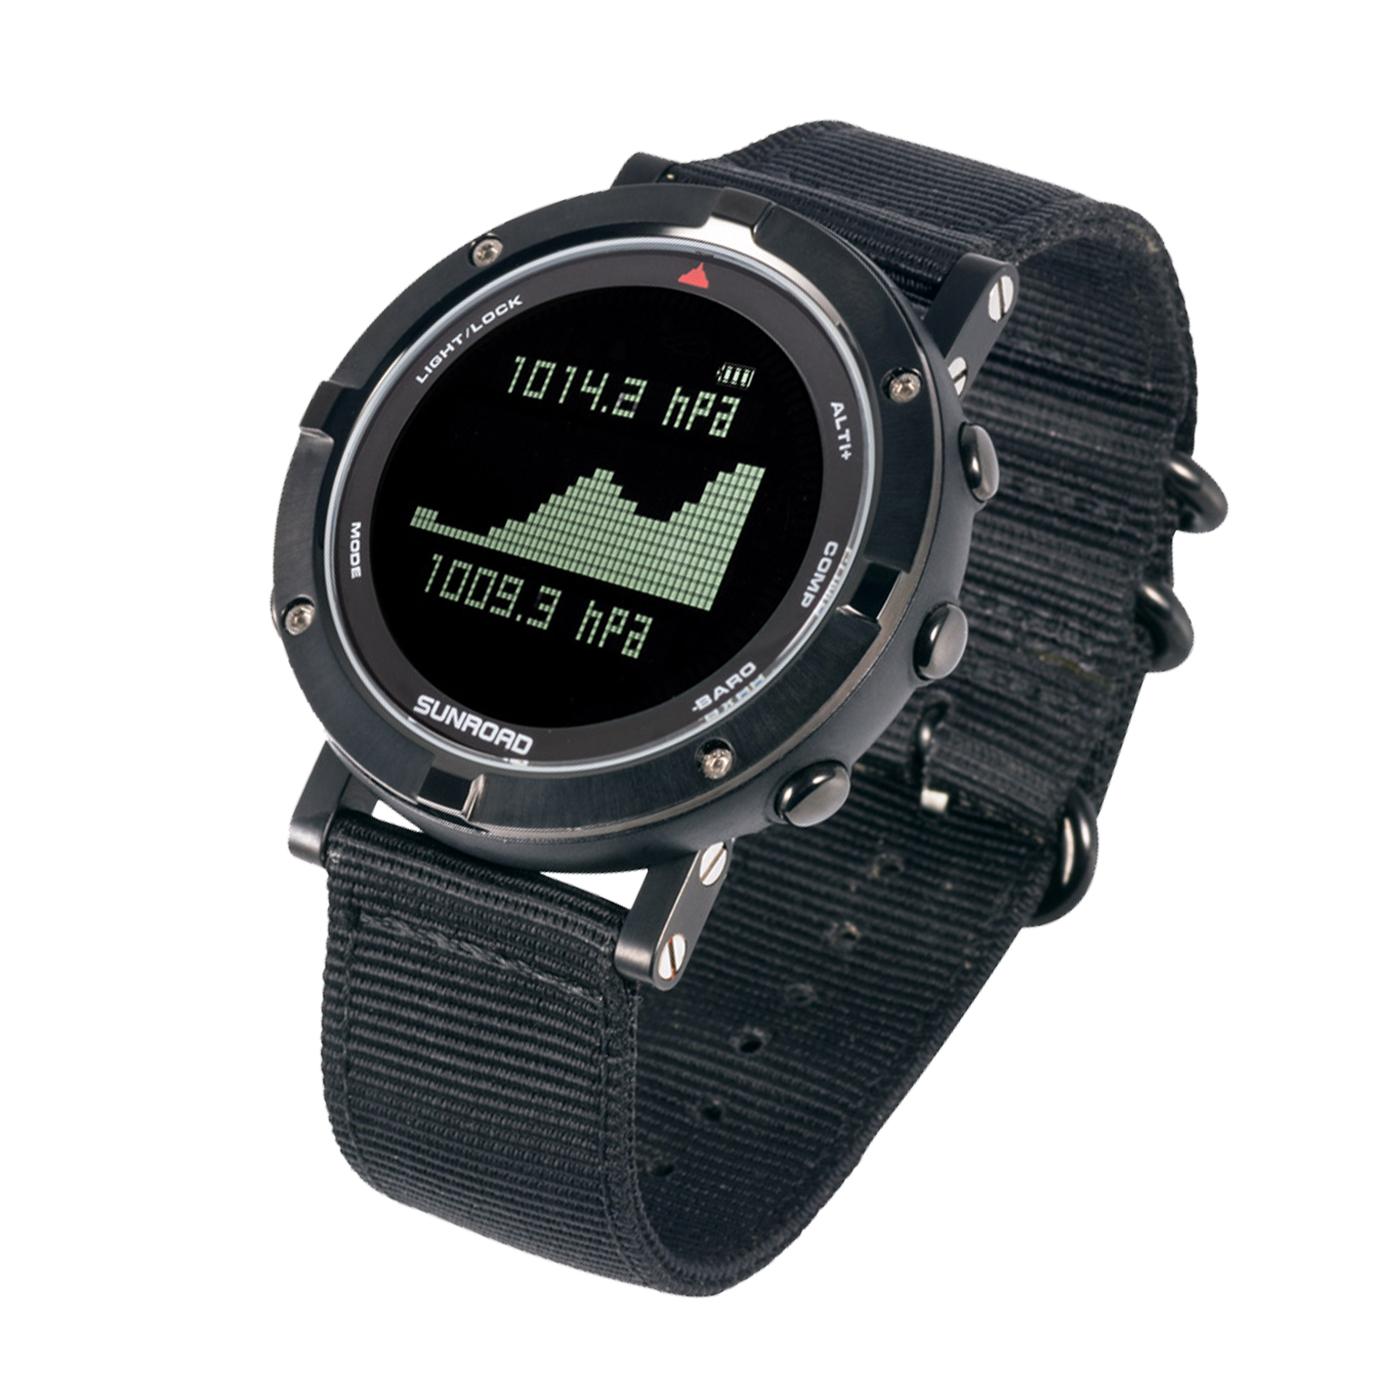 心率运动手表极速先锋款黑